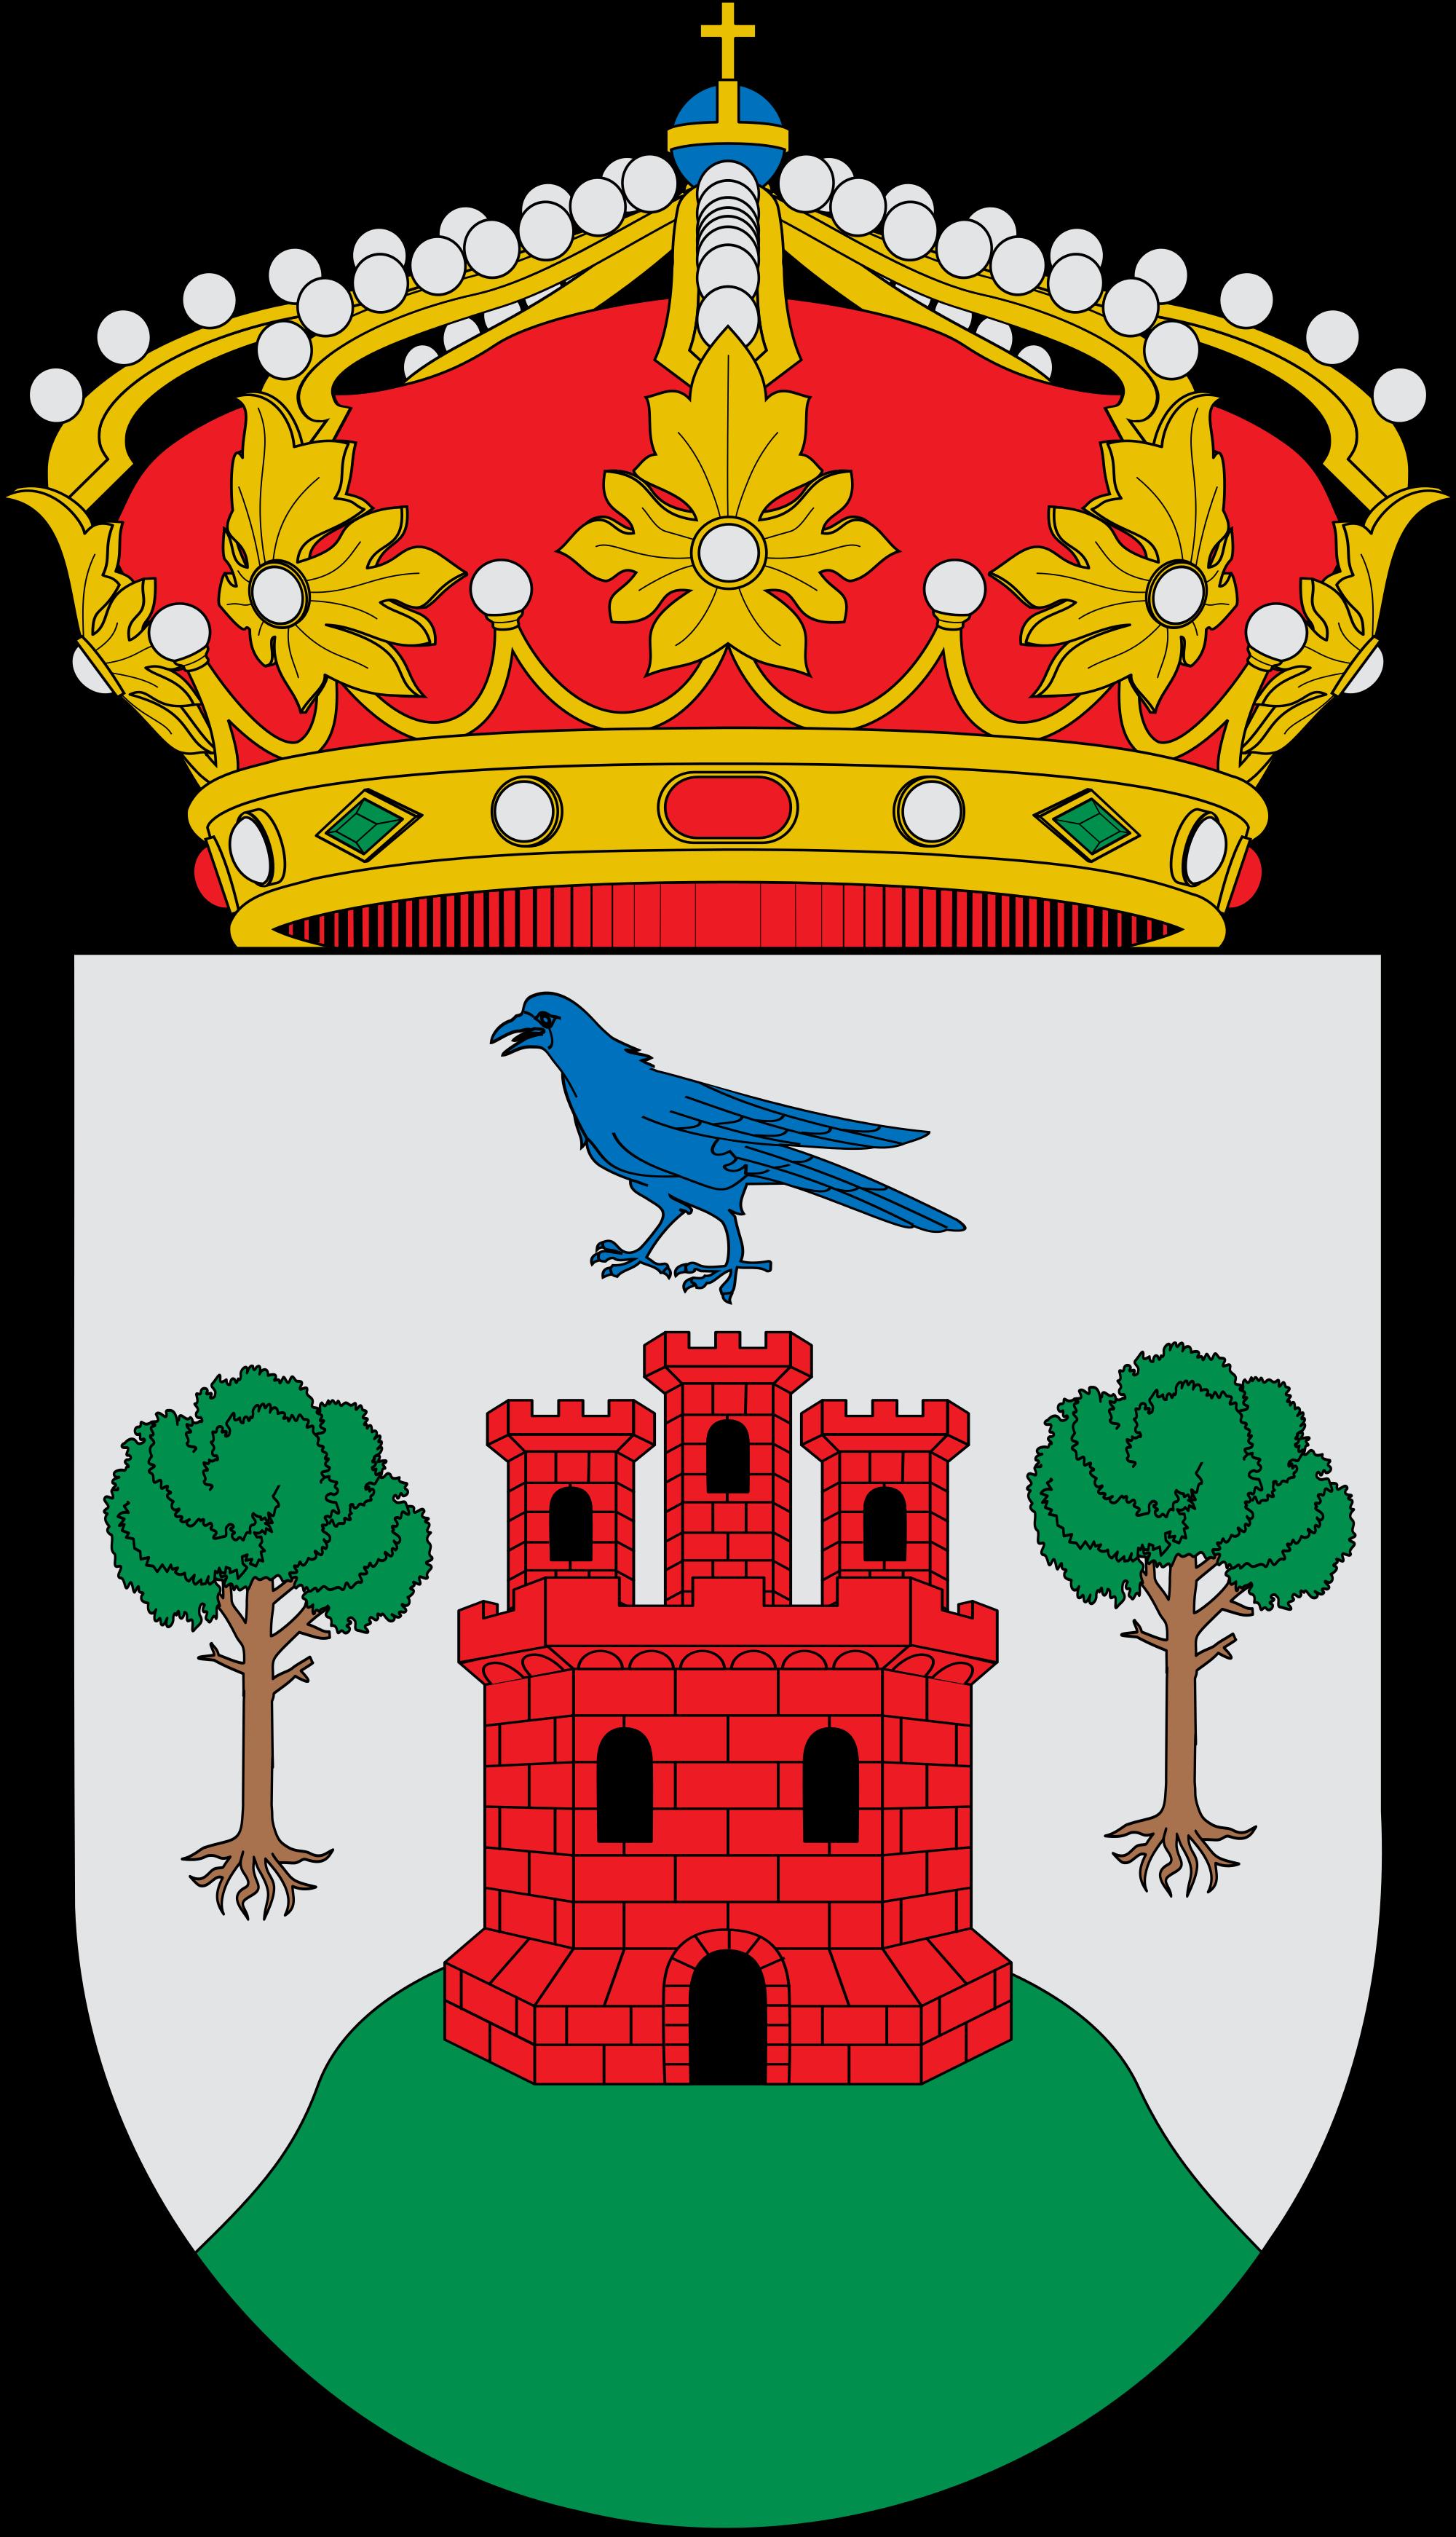 File:Escudo de Pajarón.svg.